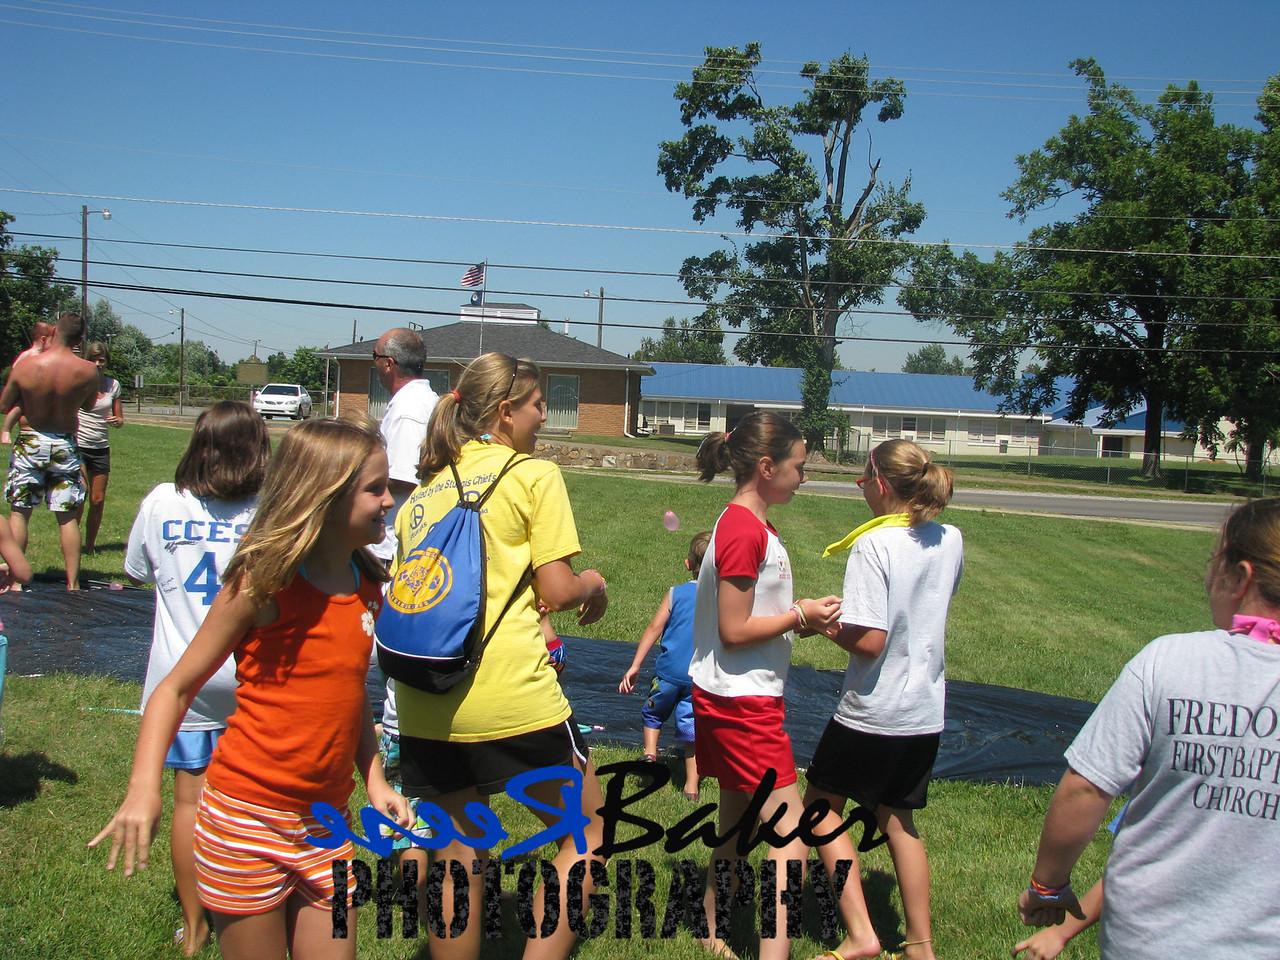 2010 Fredonia VBS_0031